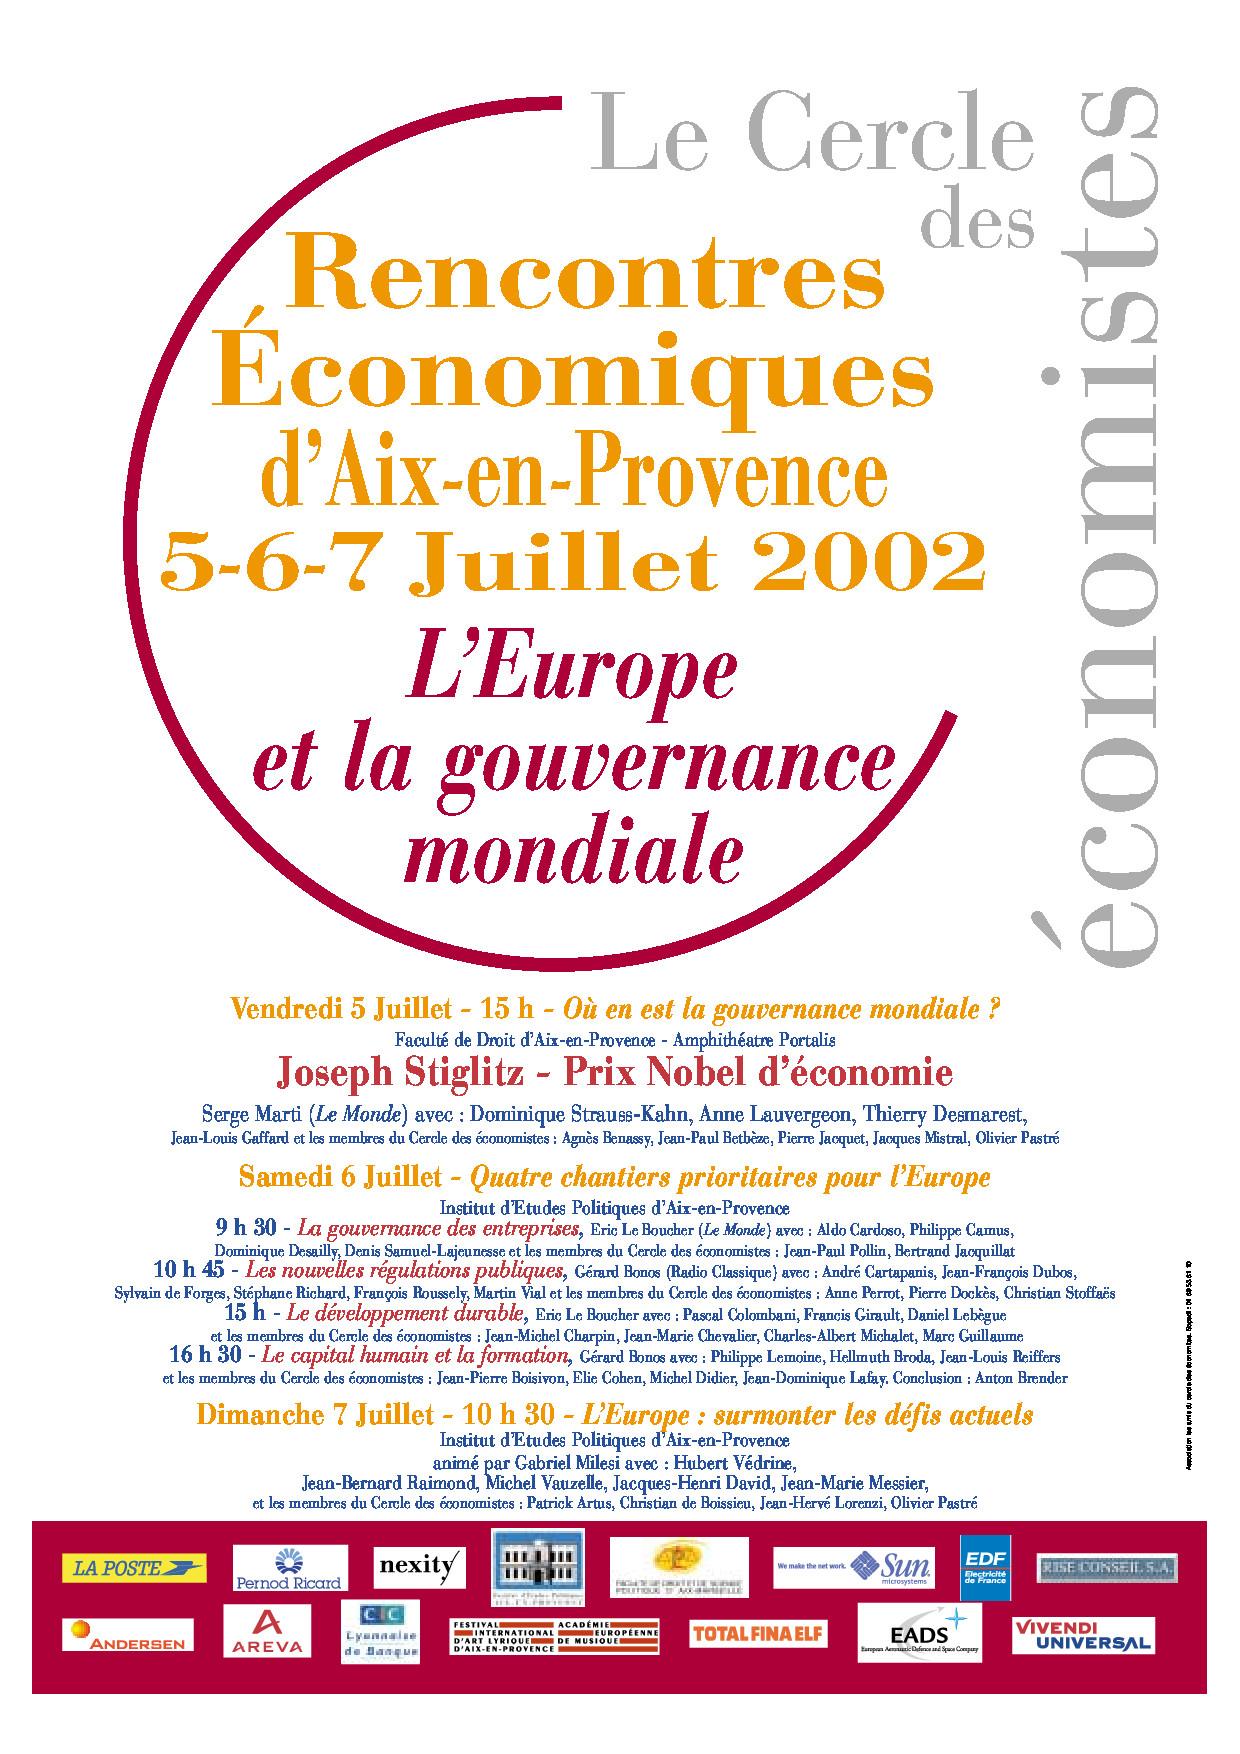 Rencontres d aix cercle des economistes